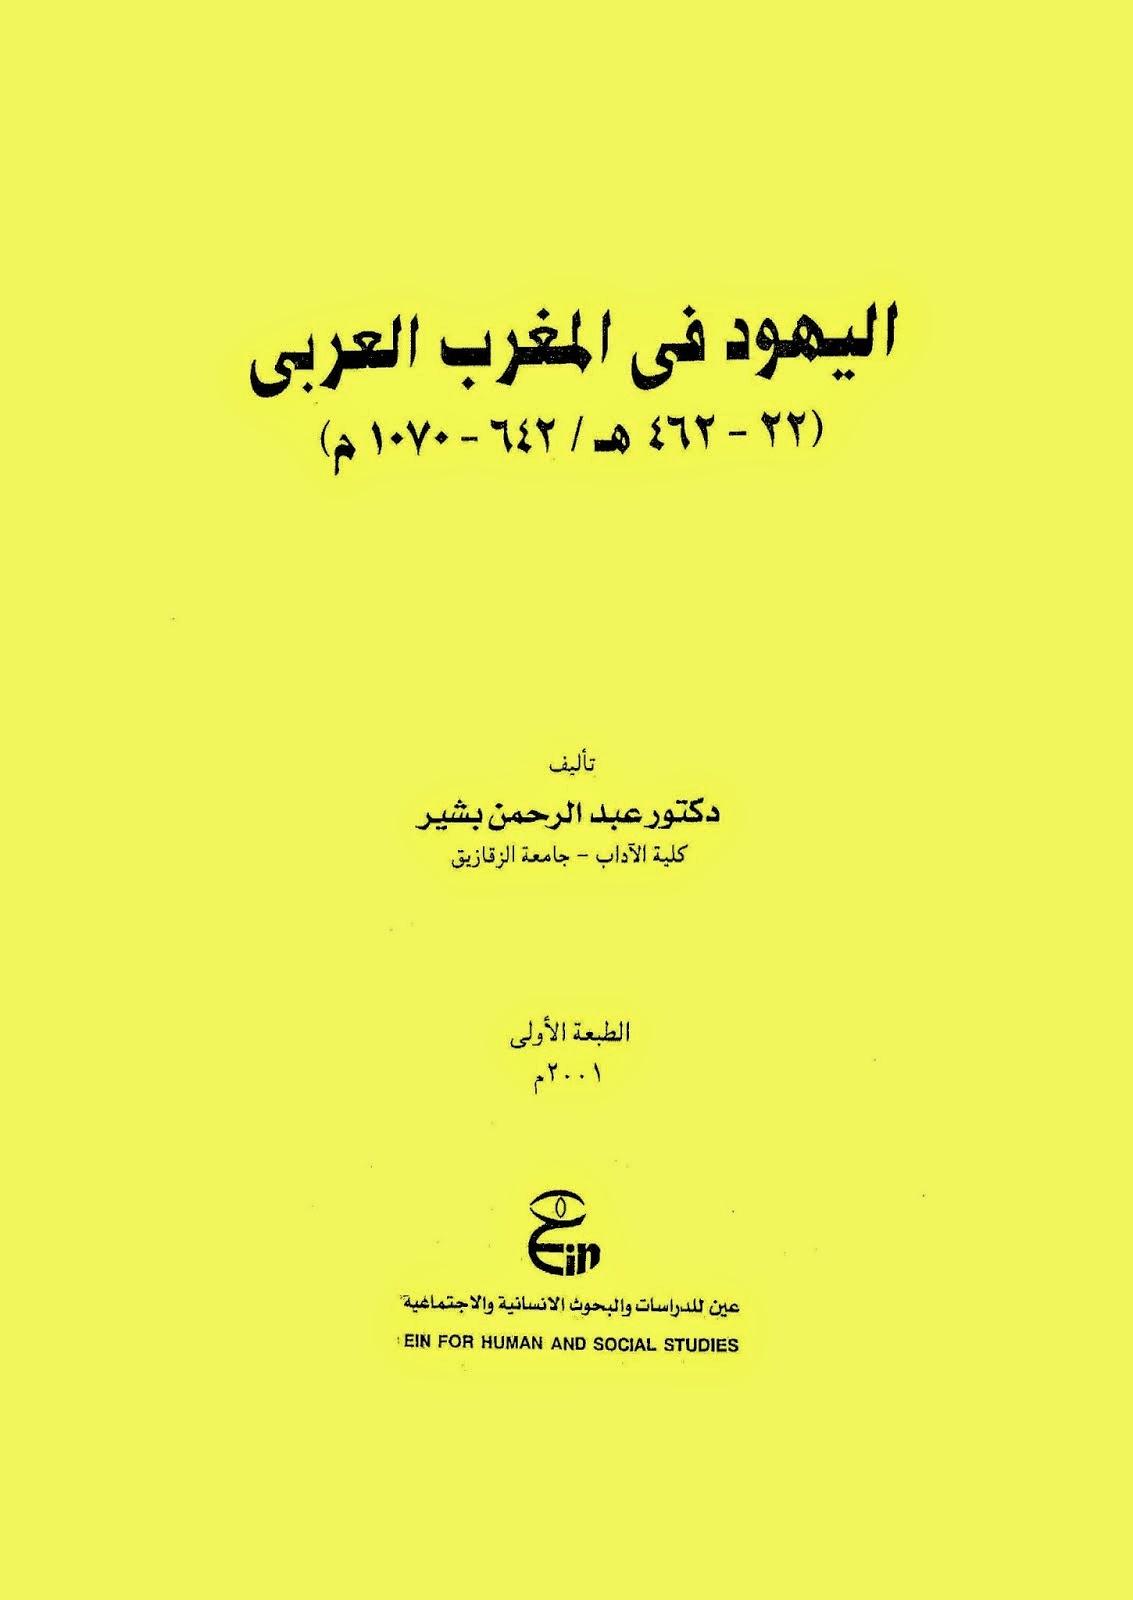 اليهود في المغرب العربي لـ دكتور عبد الرحمن بشير